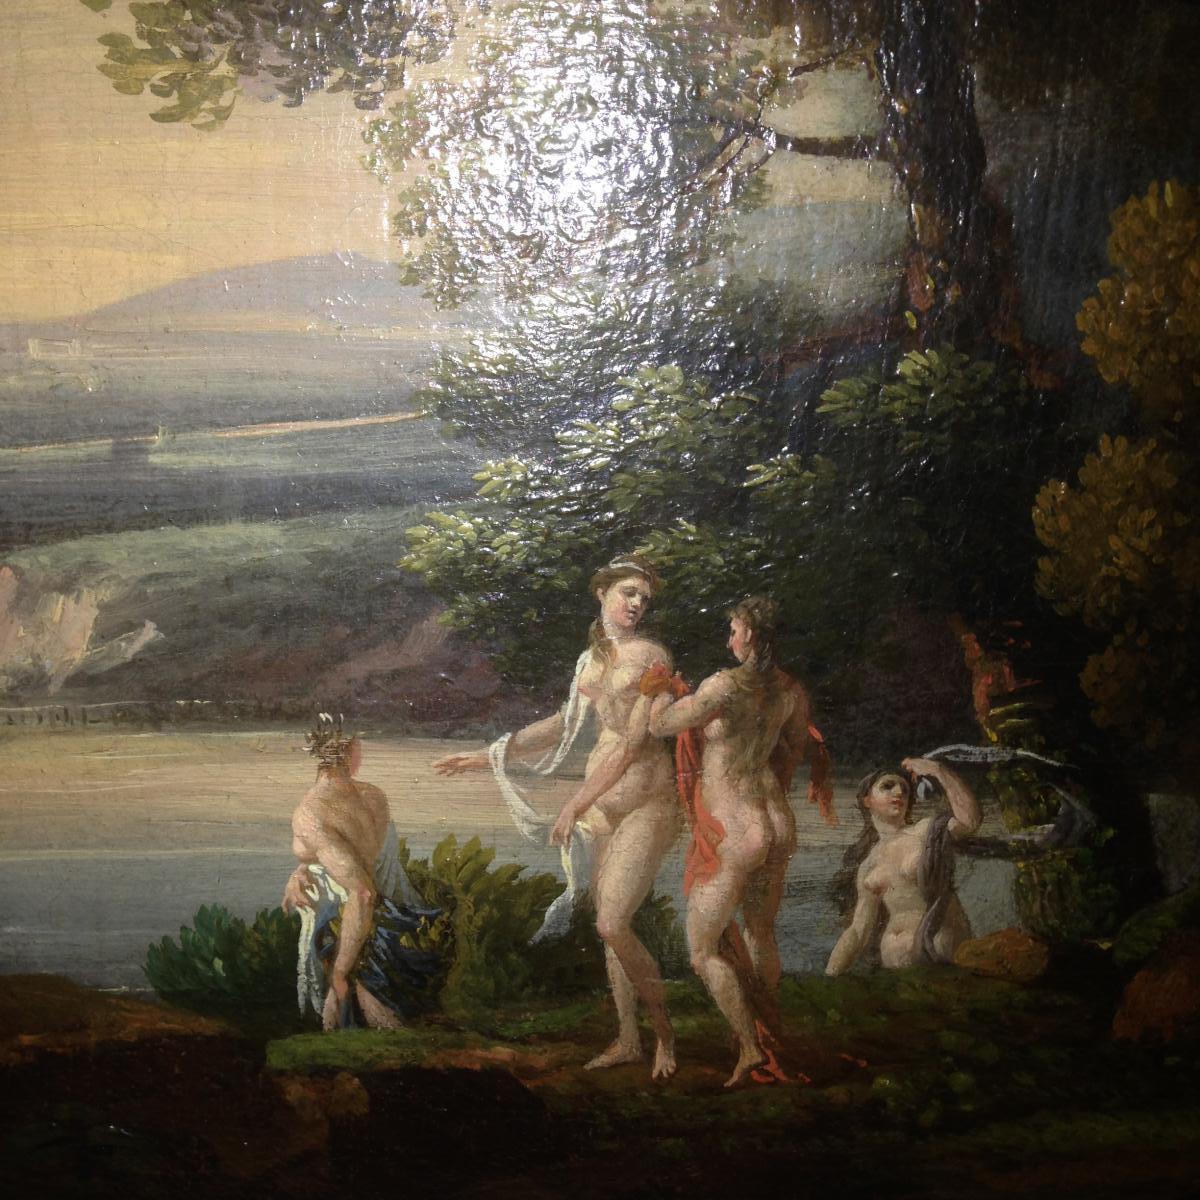 Paire De Tableaux, Huiles Sur Toile De La Fin Du XVIIIème Siècle, Dans Le Goût De Hubert Robert